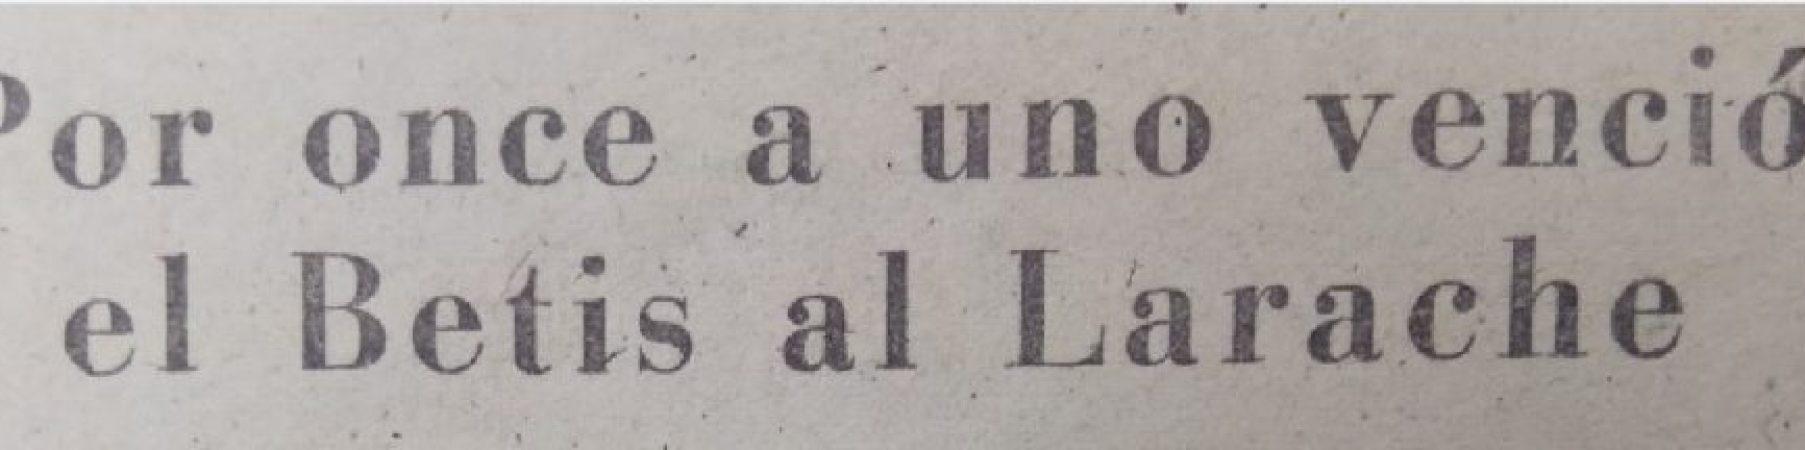 Hoy hace 72 años. Betis 11 Larache 1.